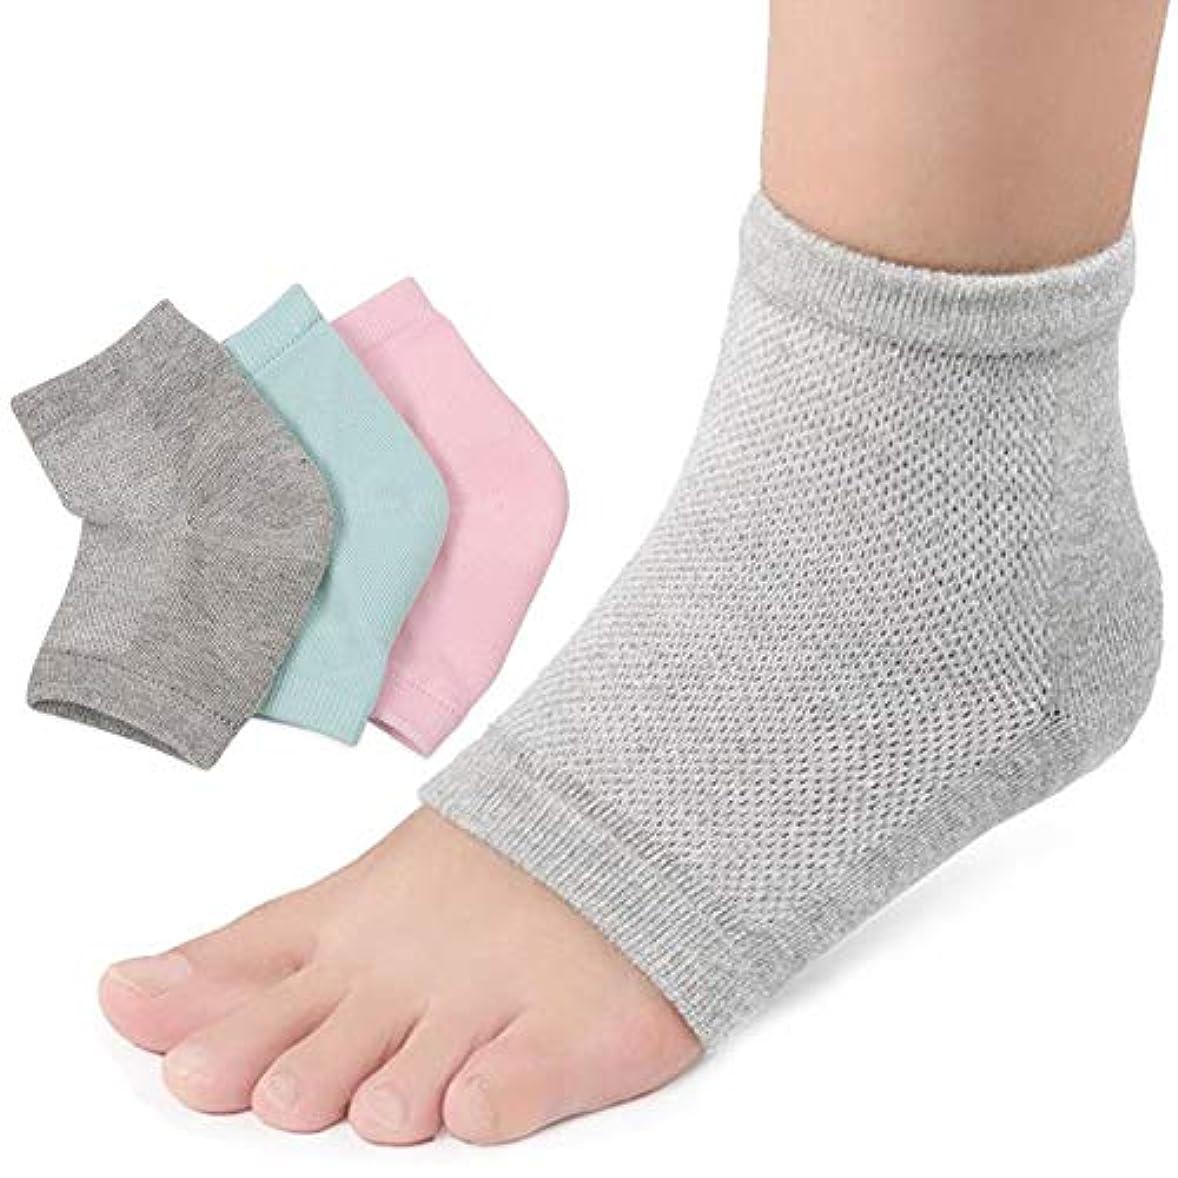 重要な持続的体系的に3足セットかかと 靴下 かかとケア つるつる ジェル 靴下 角質 ケア 保湿 美容 角質除去足ケア 男女兼用